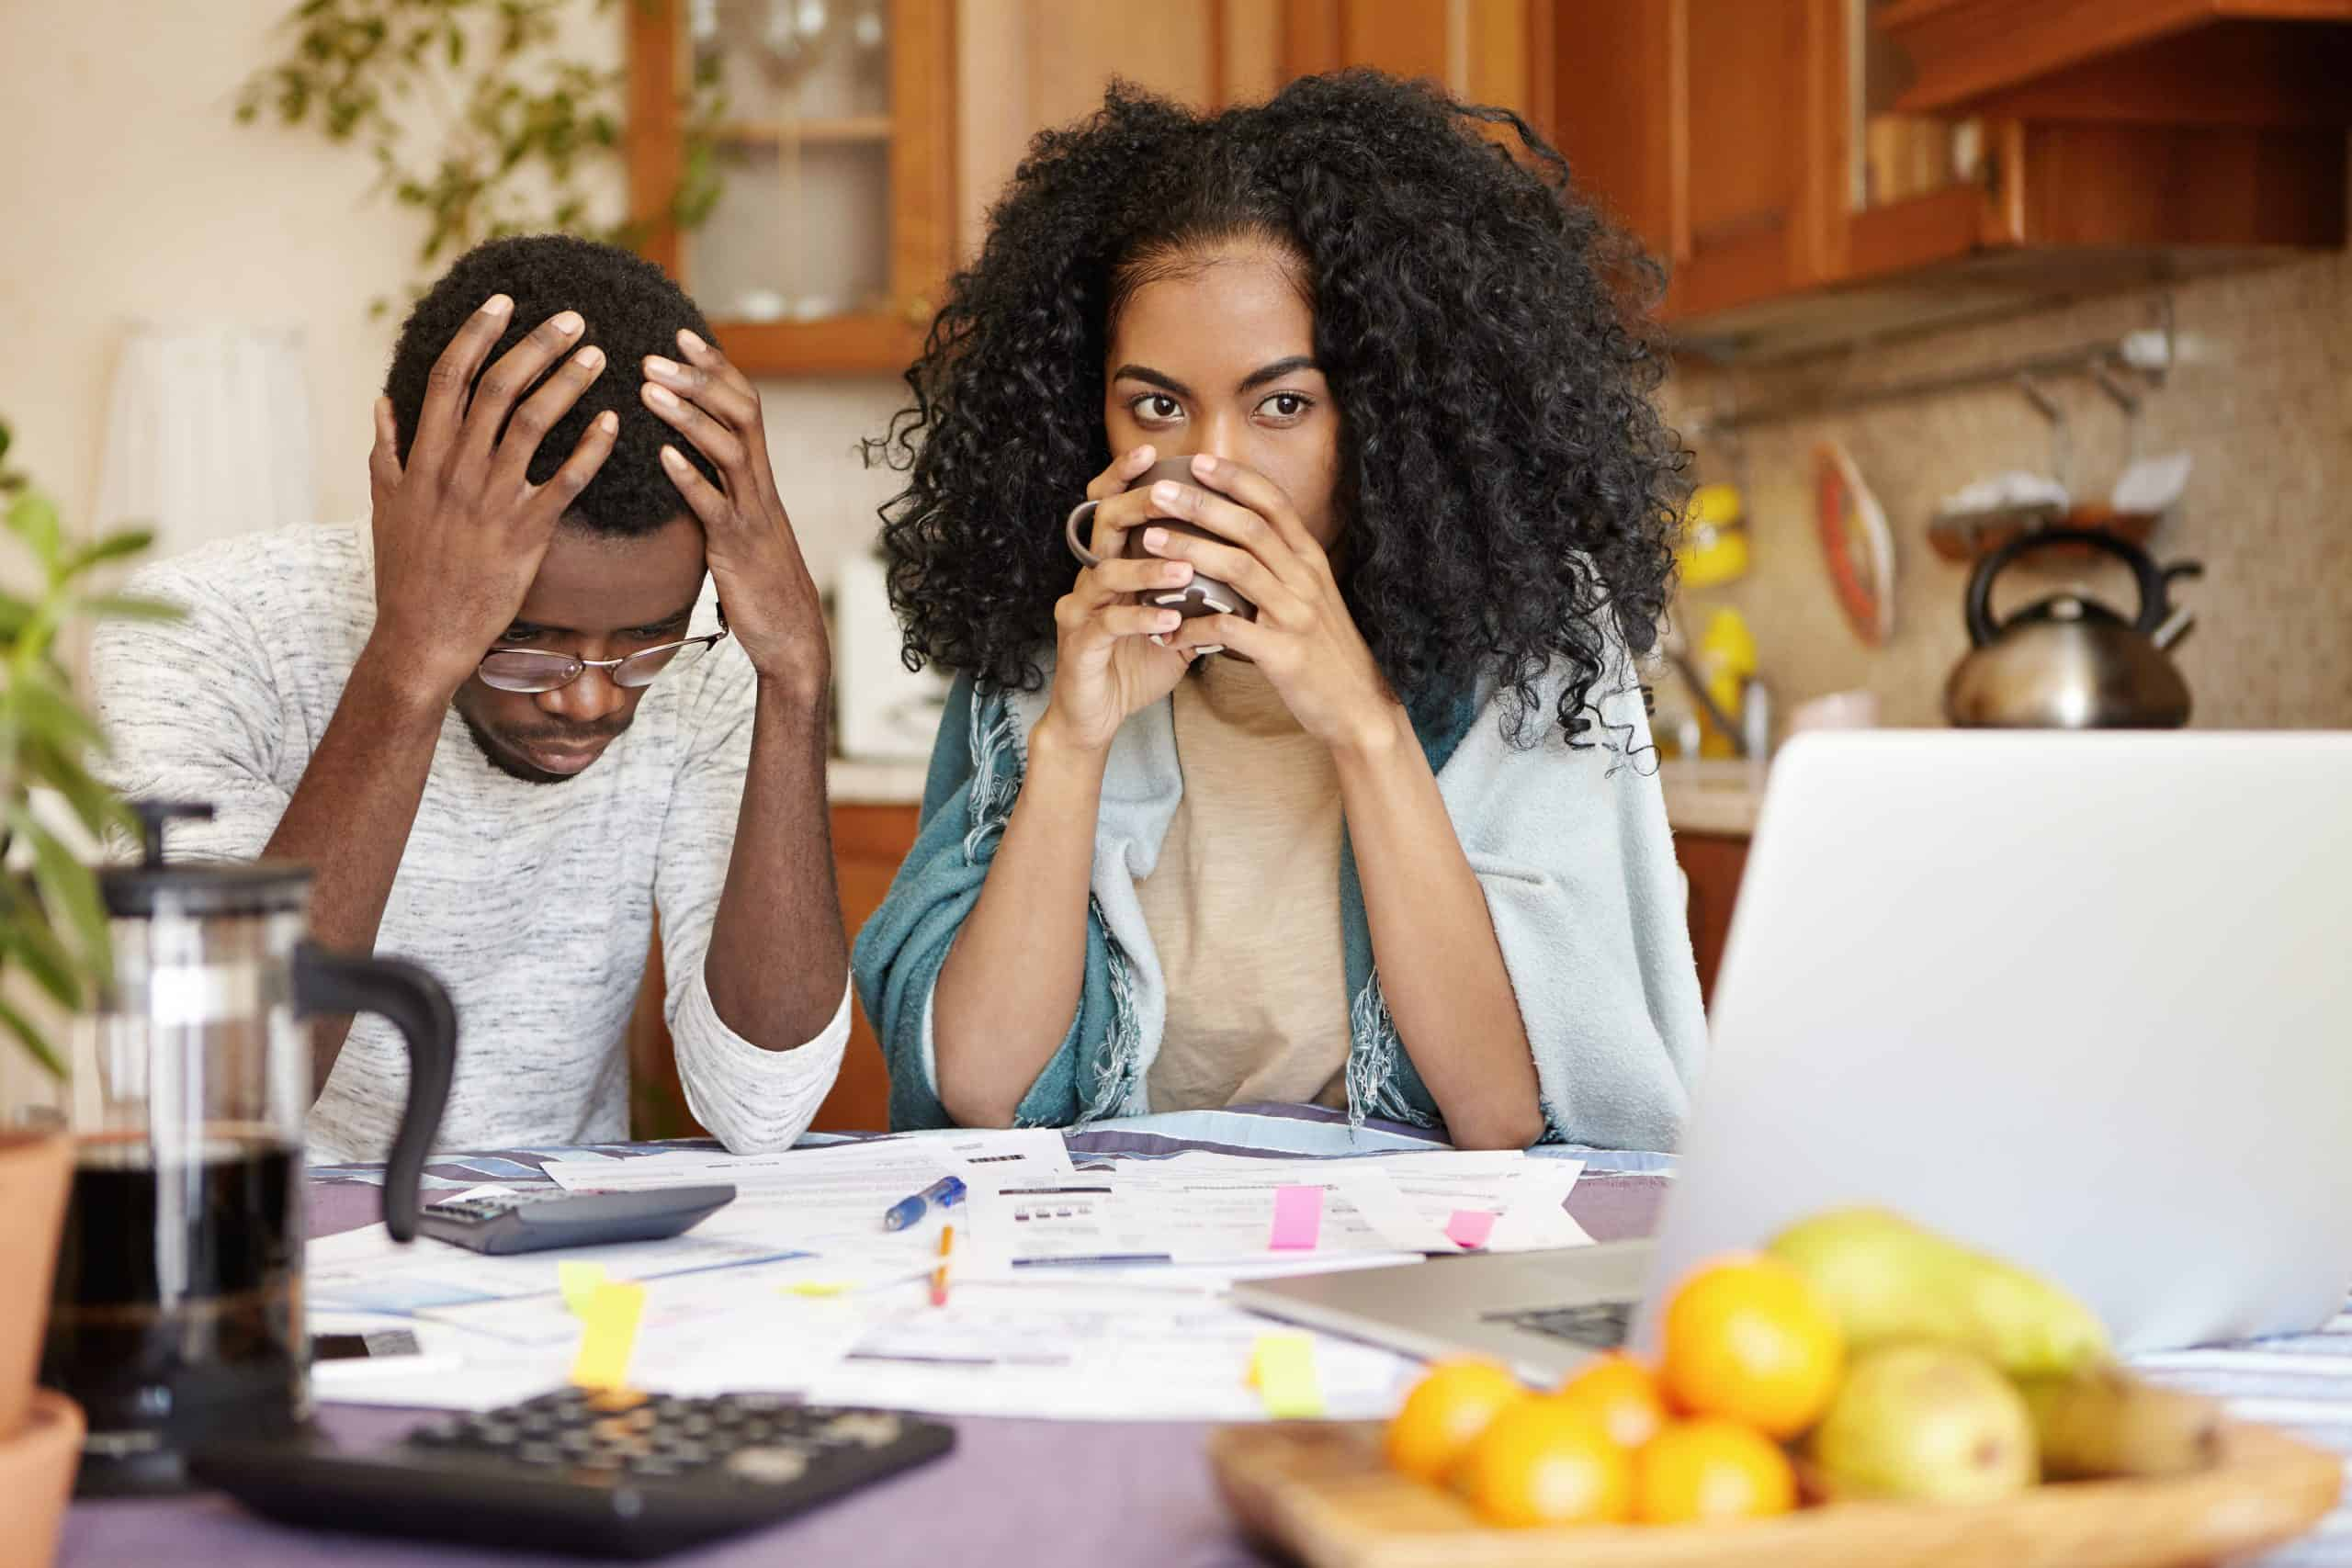 photo de deux jeunes entre entrepreneurs qui ont des soucis avec leurs comptabilité notamment avec un soucis d'impayé